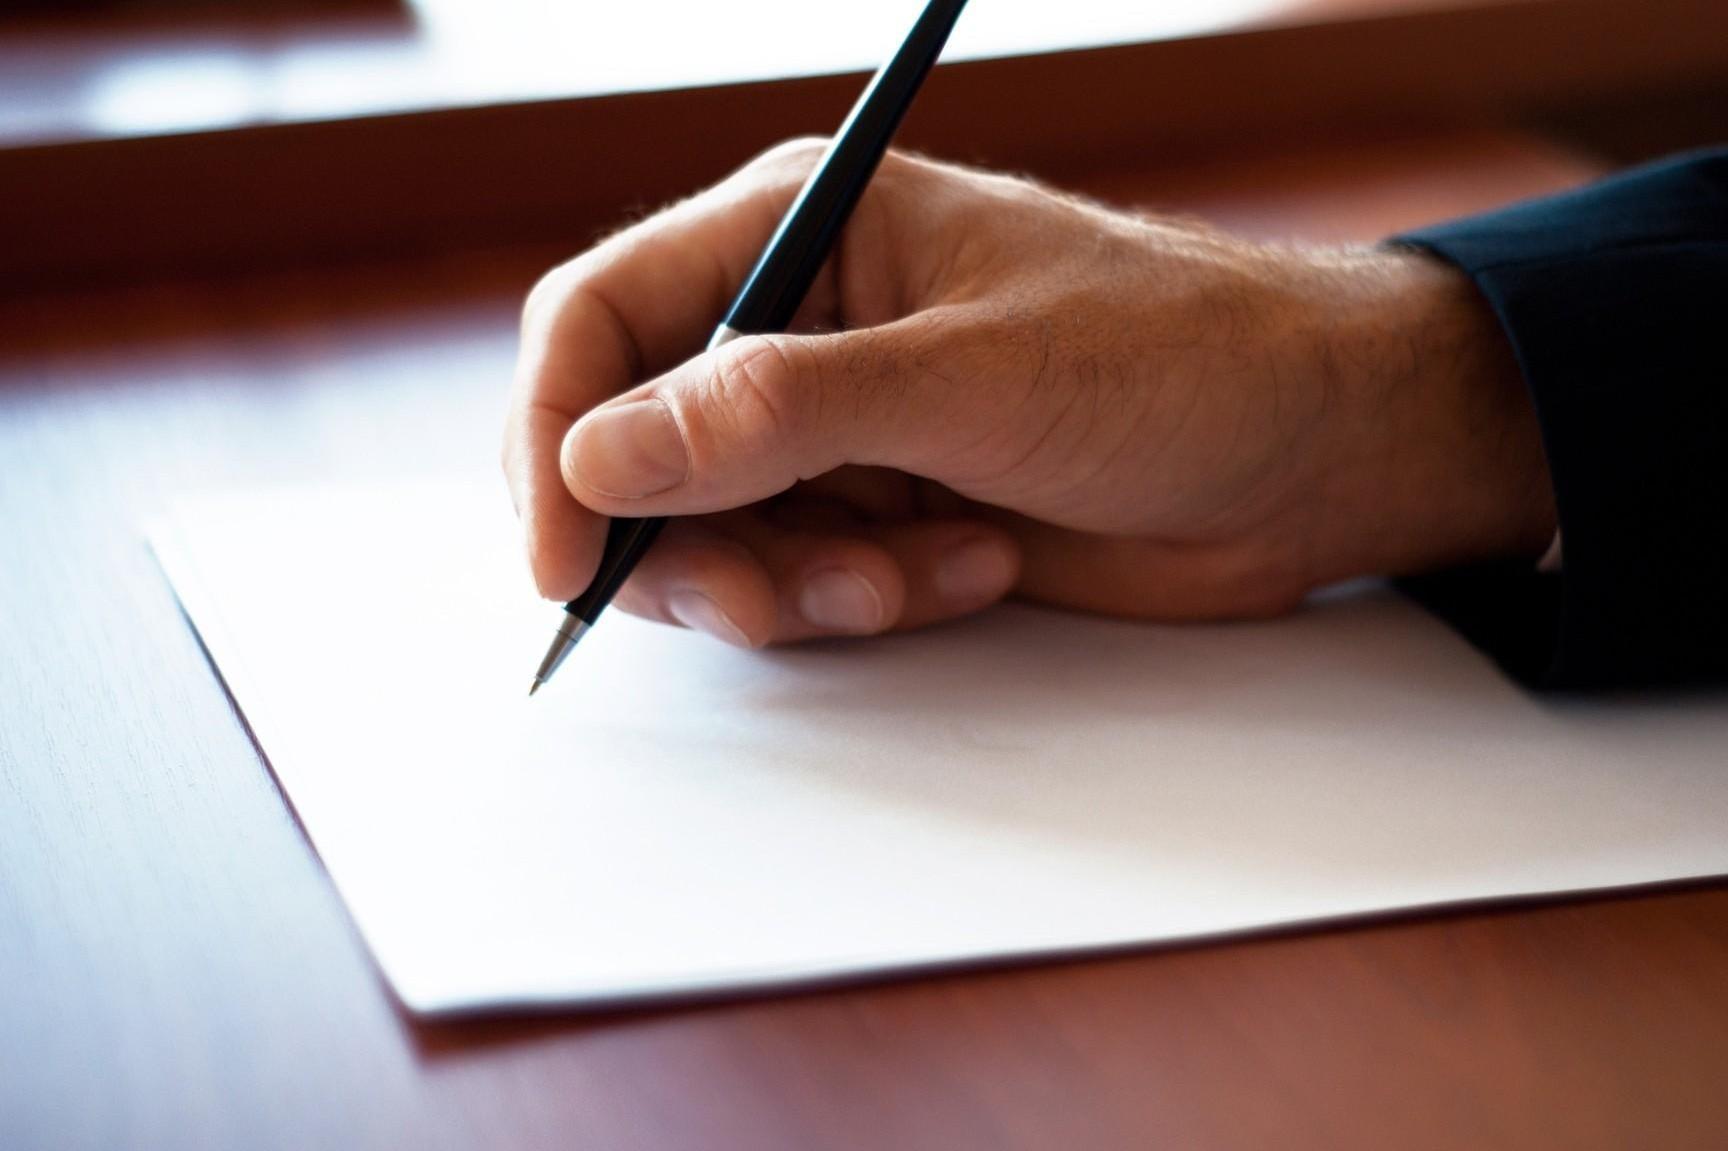 Lettera Motivazionale Erasmus Come Scriverla Bene Ed Esempi